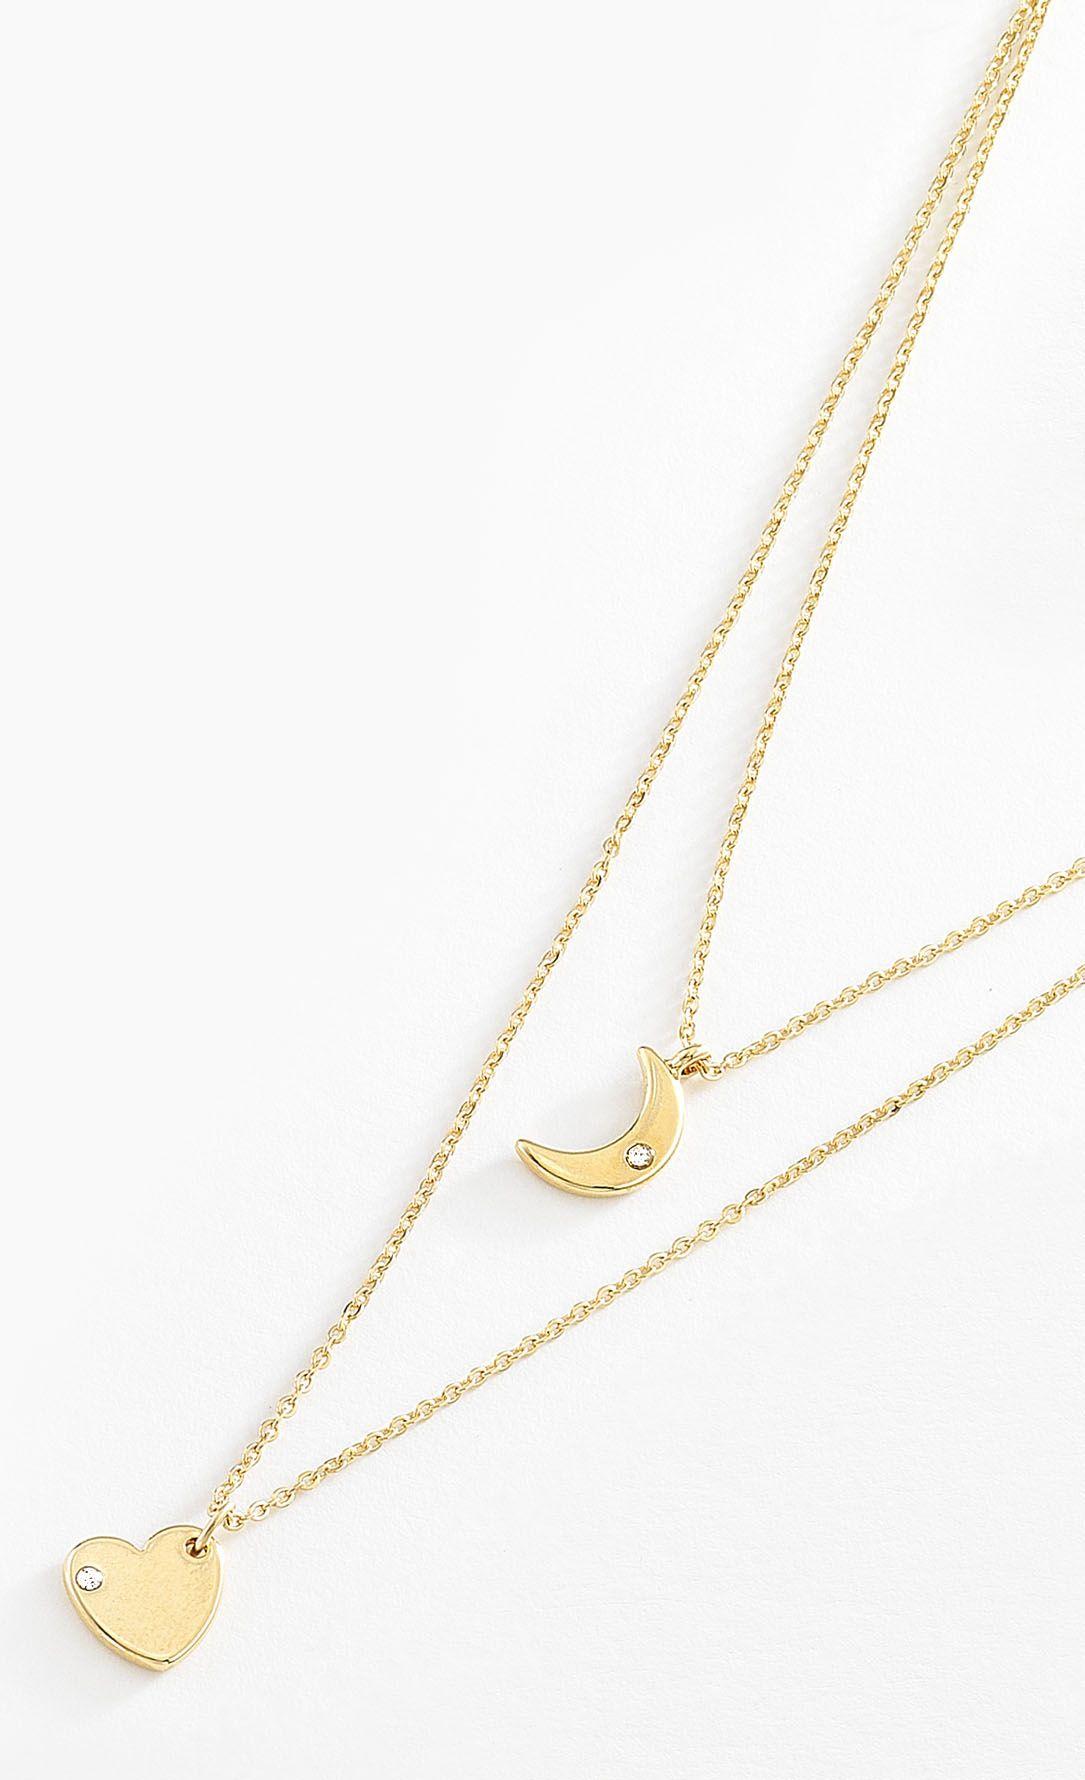 5580415ad714 Collar doble con delgada cadena y dije de corazón y media luna elaborados  en 4 baños de oro de 18 kt. Modelo 415636L.